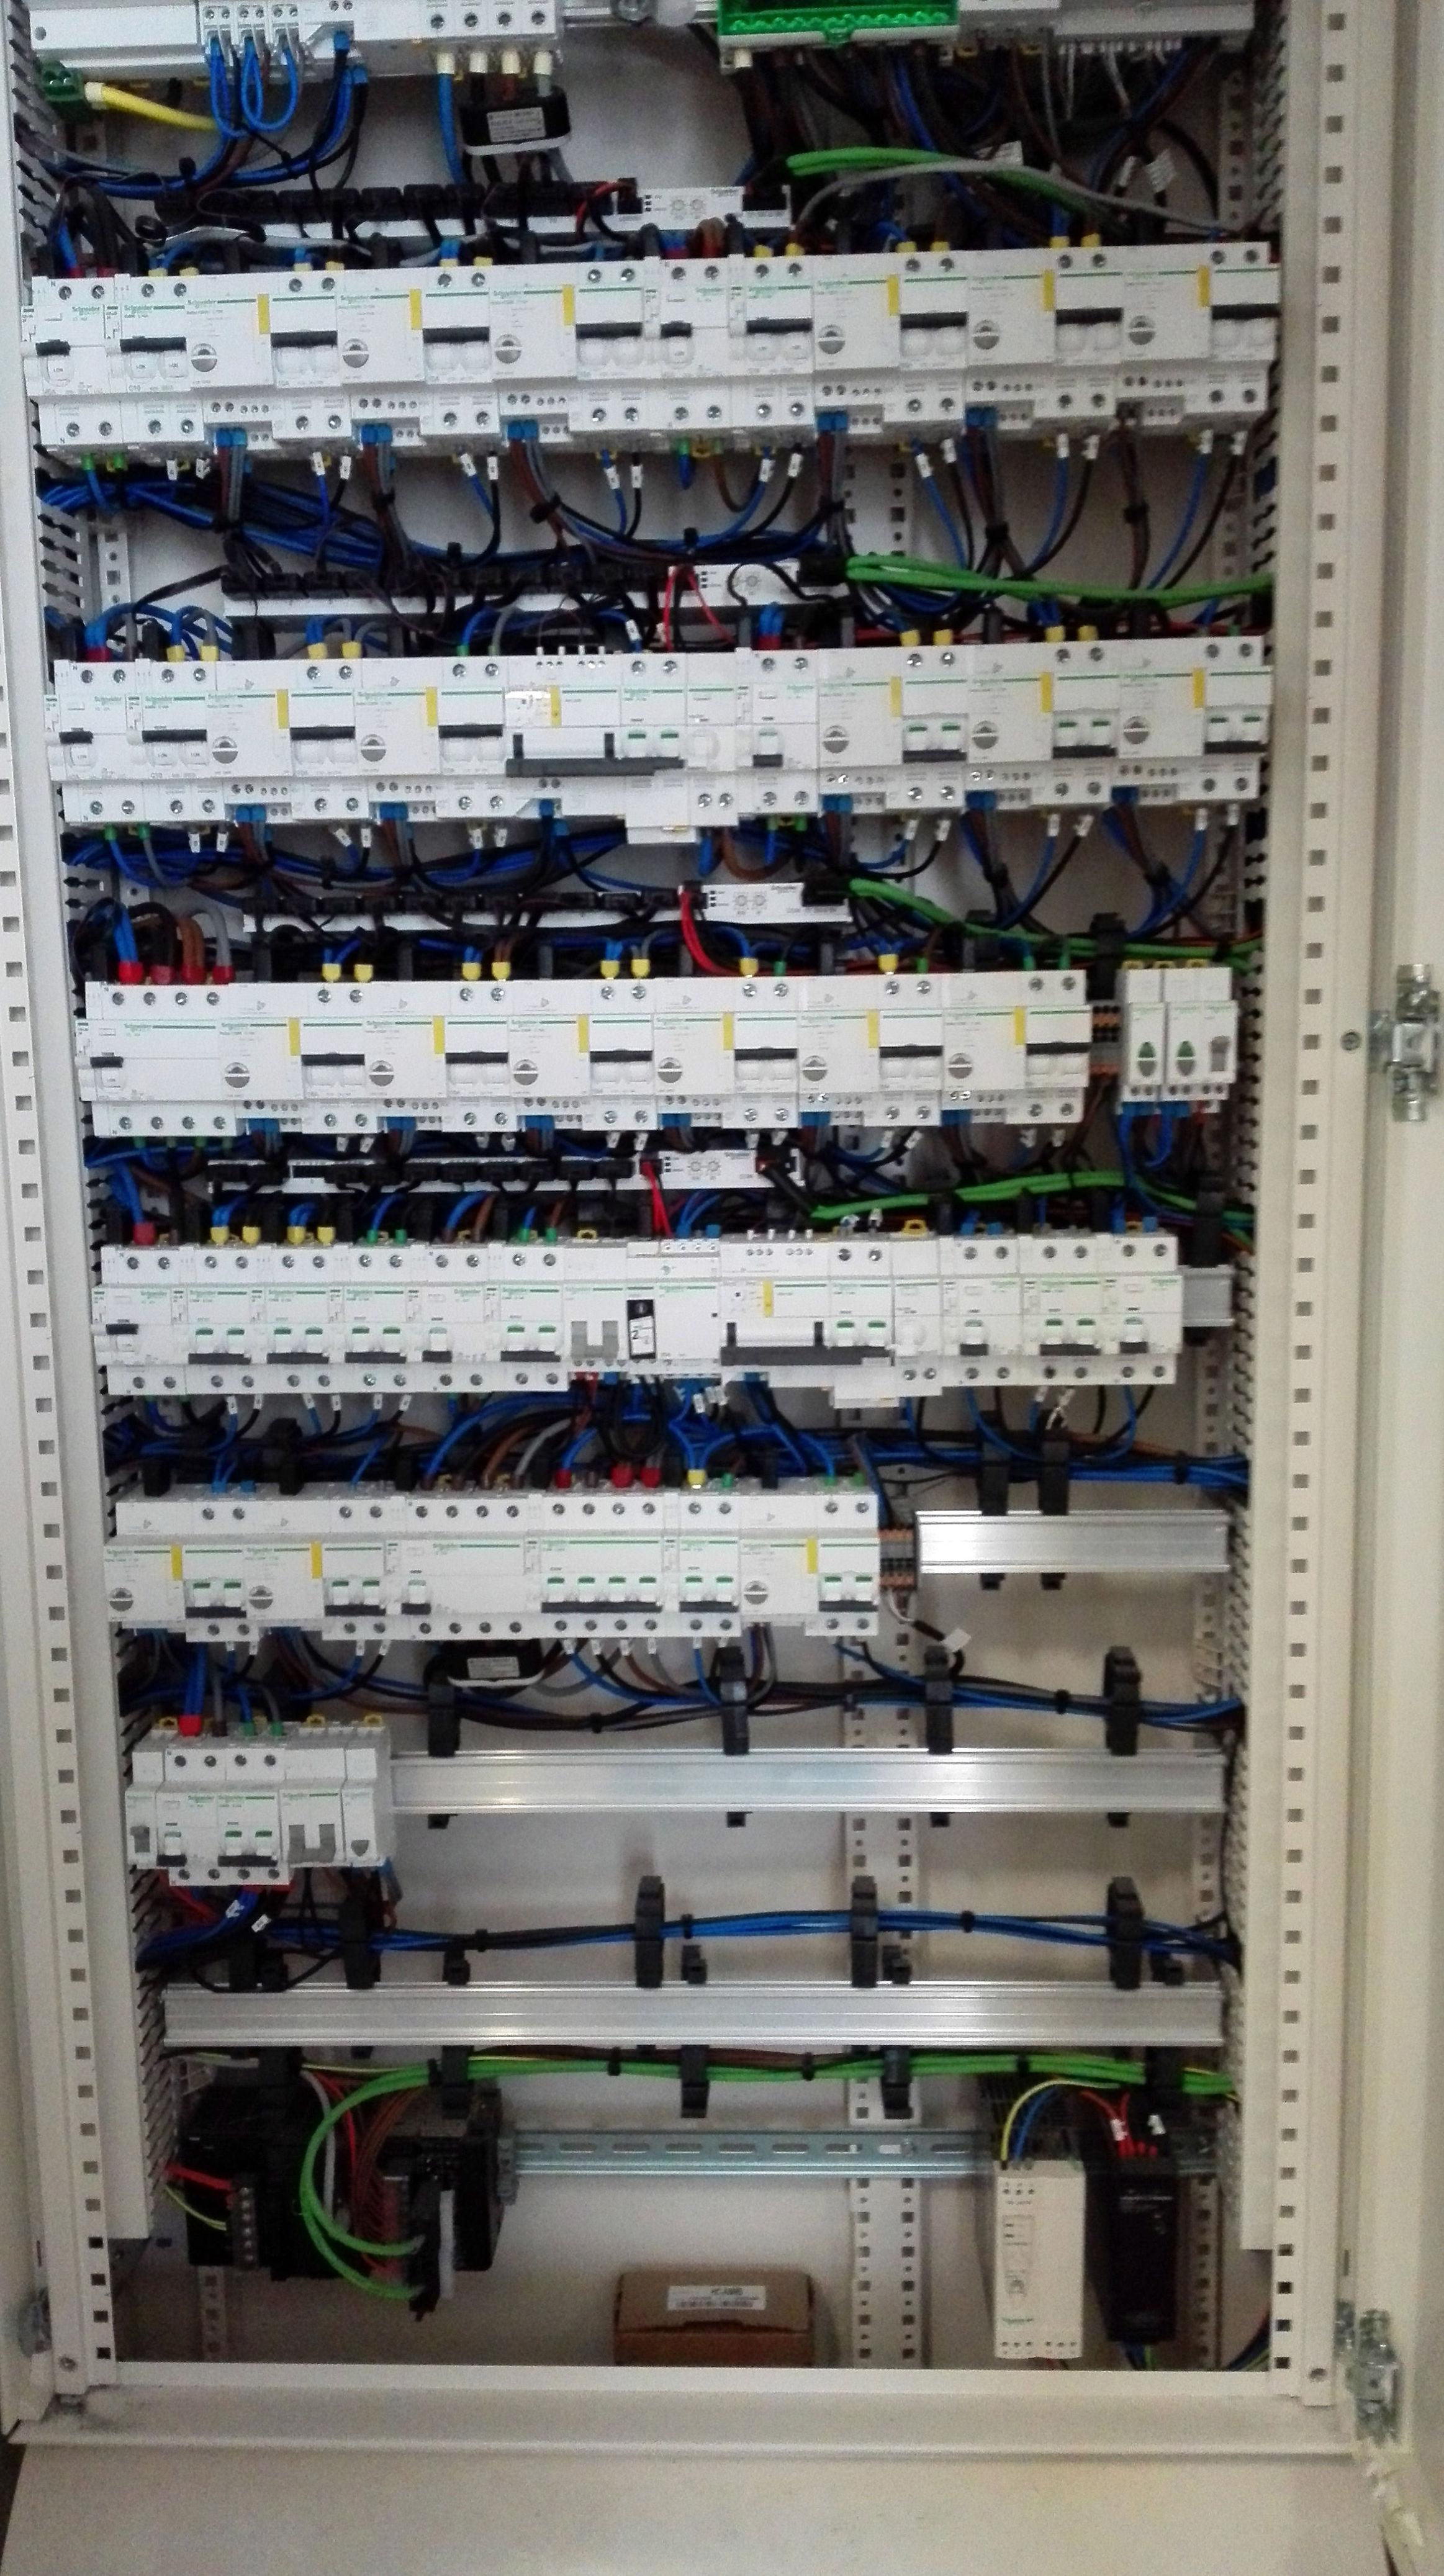 Montaje de cuadros eléctricos en Málaga